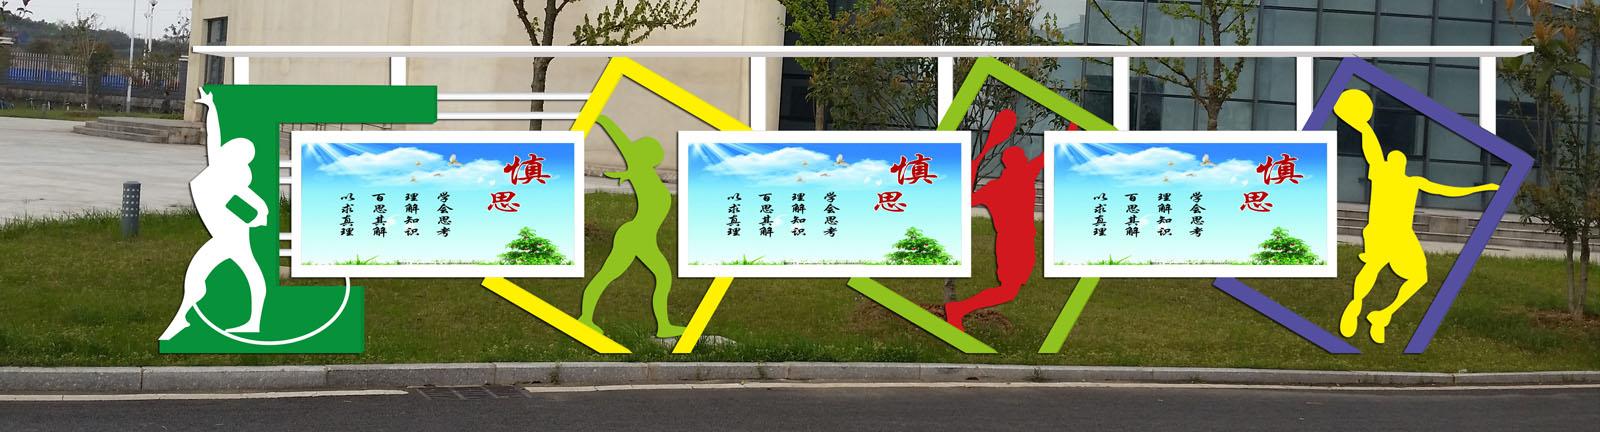 信阳公交候车亭